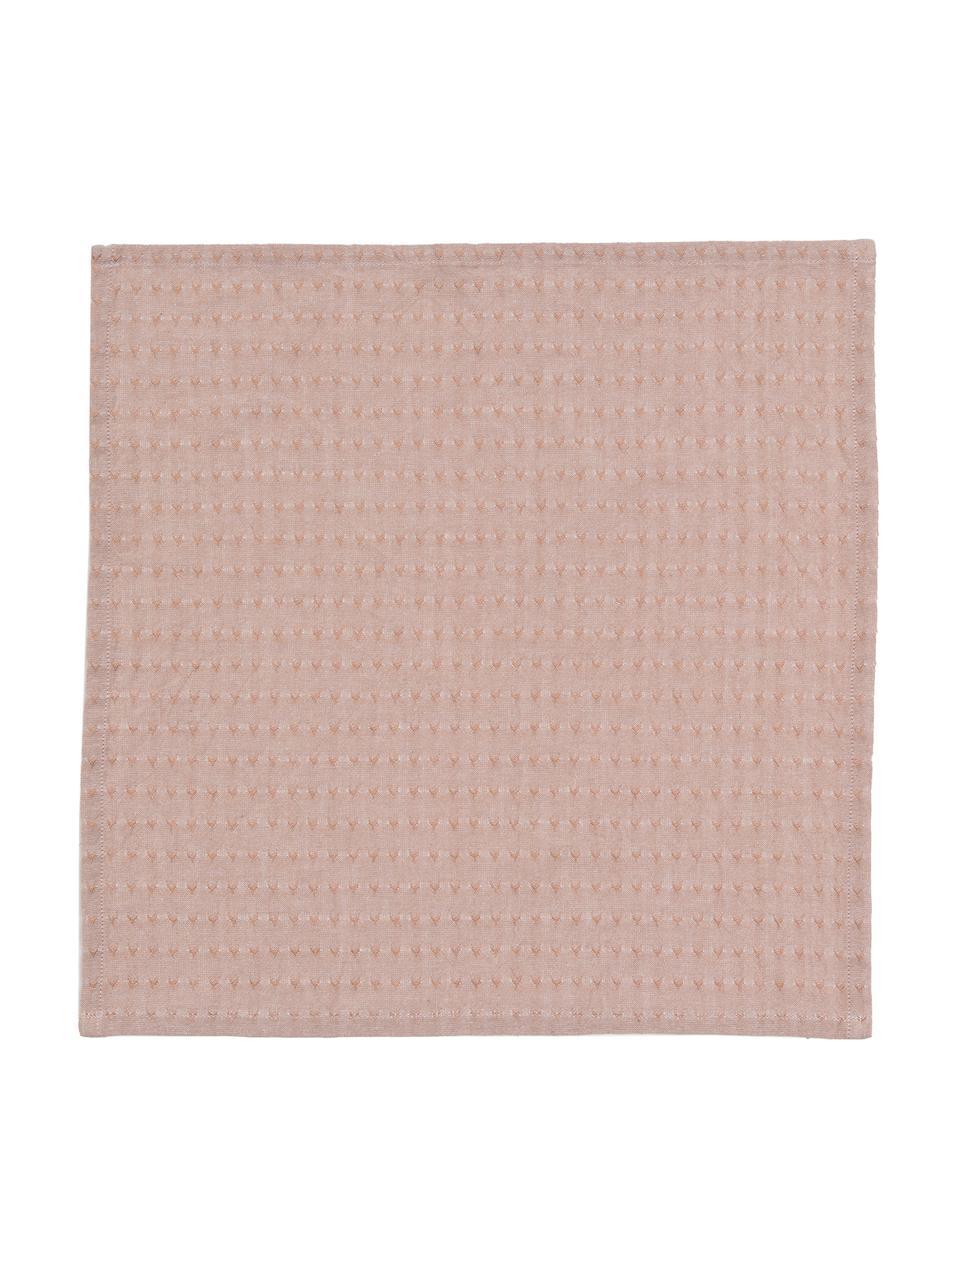 Serwetka z tkaniny Napel, 4 szt., Bawełna, Brązowy, S 40 x D 40 cm